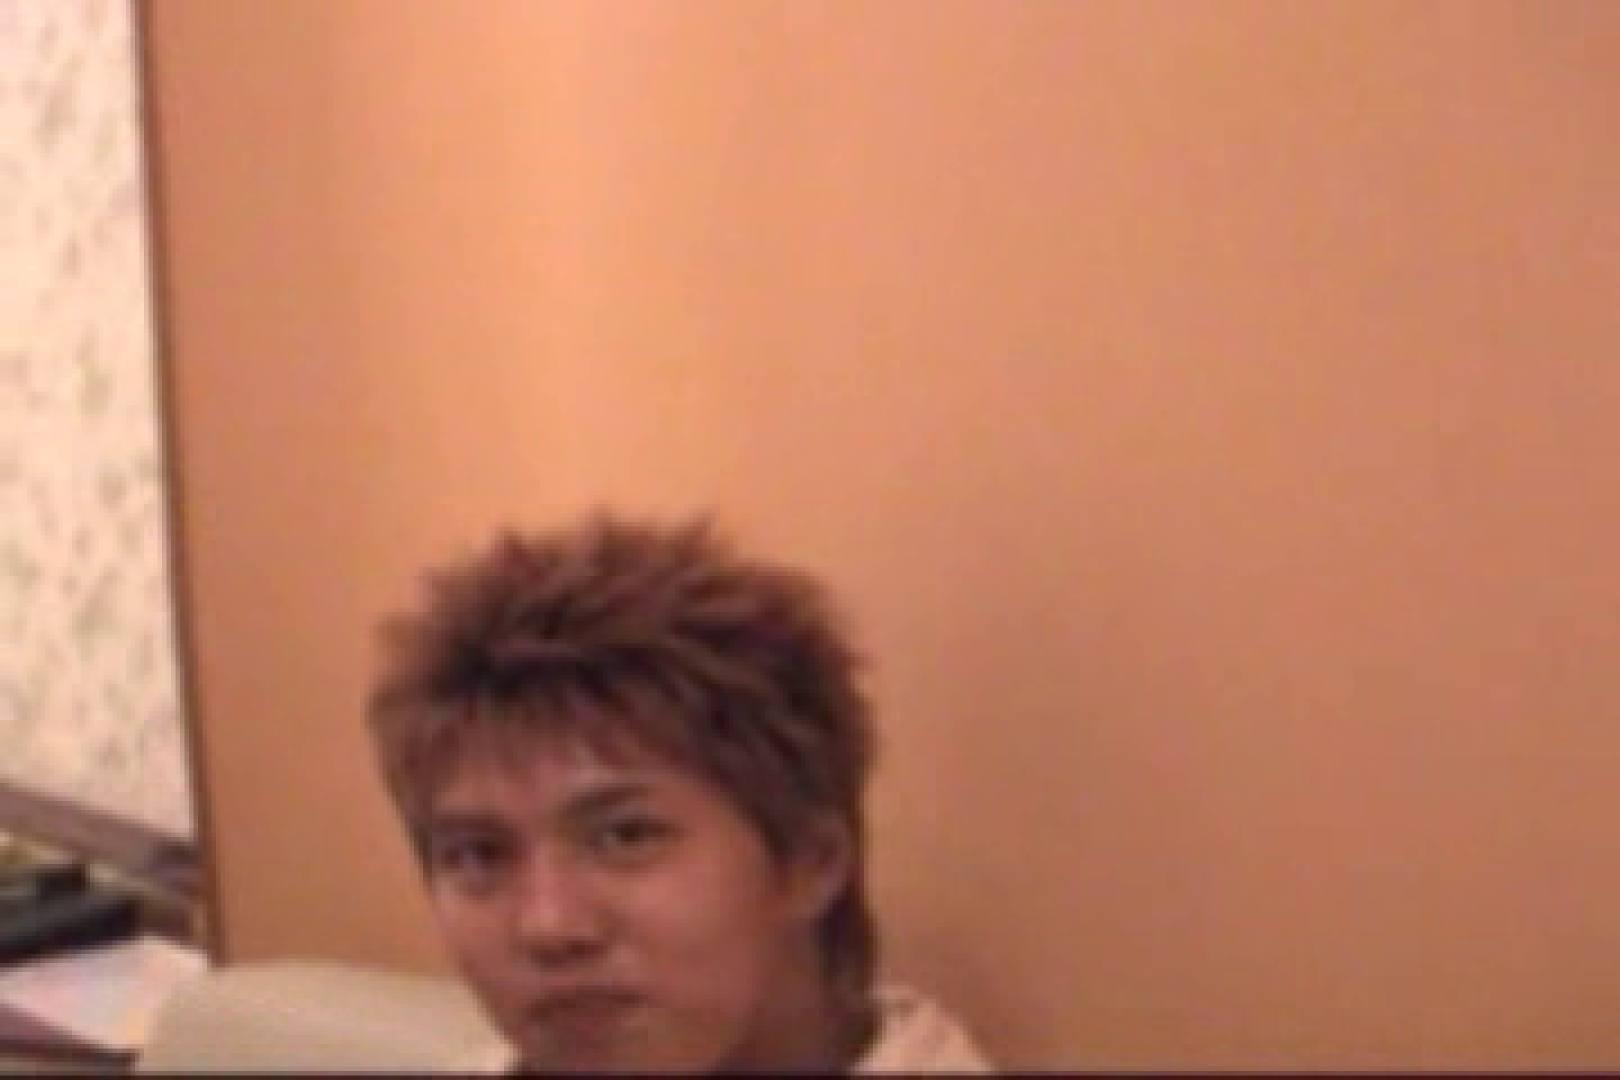 【流出】ジャニ系イケメン!!フライング&アナルが痛くて出来ません!! 着替えシーン ゲイモロ画像 83枚 57